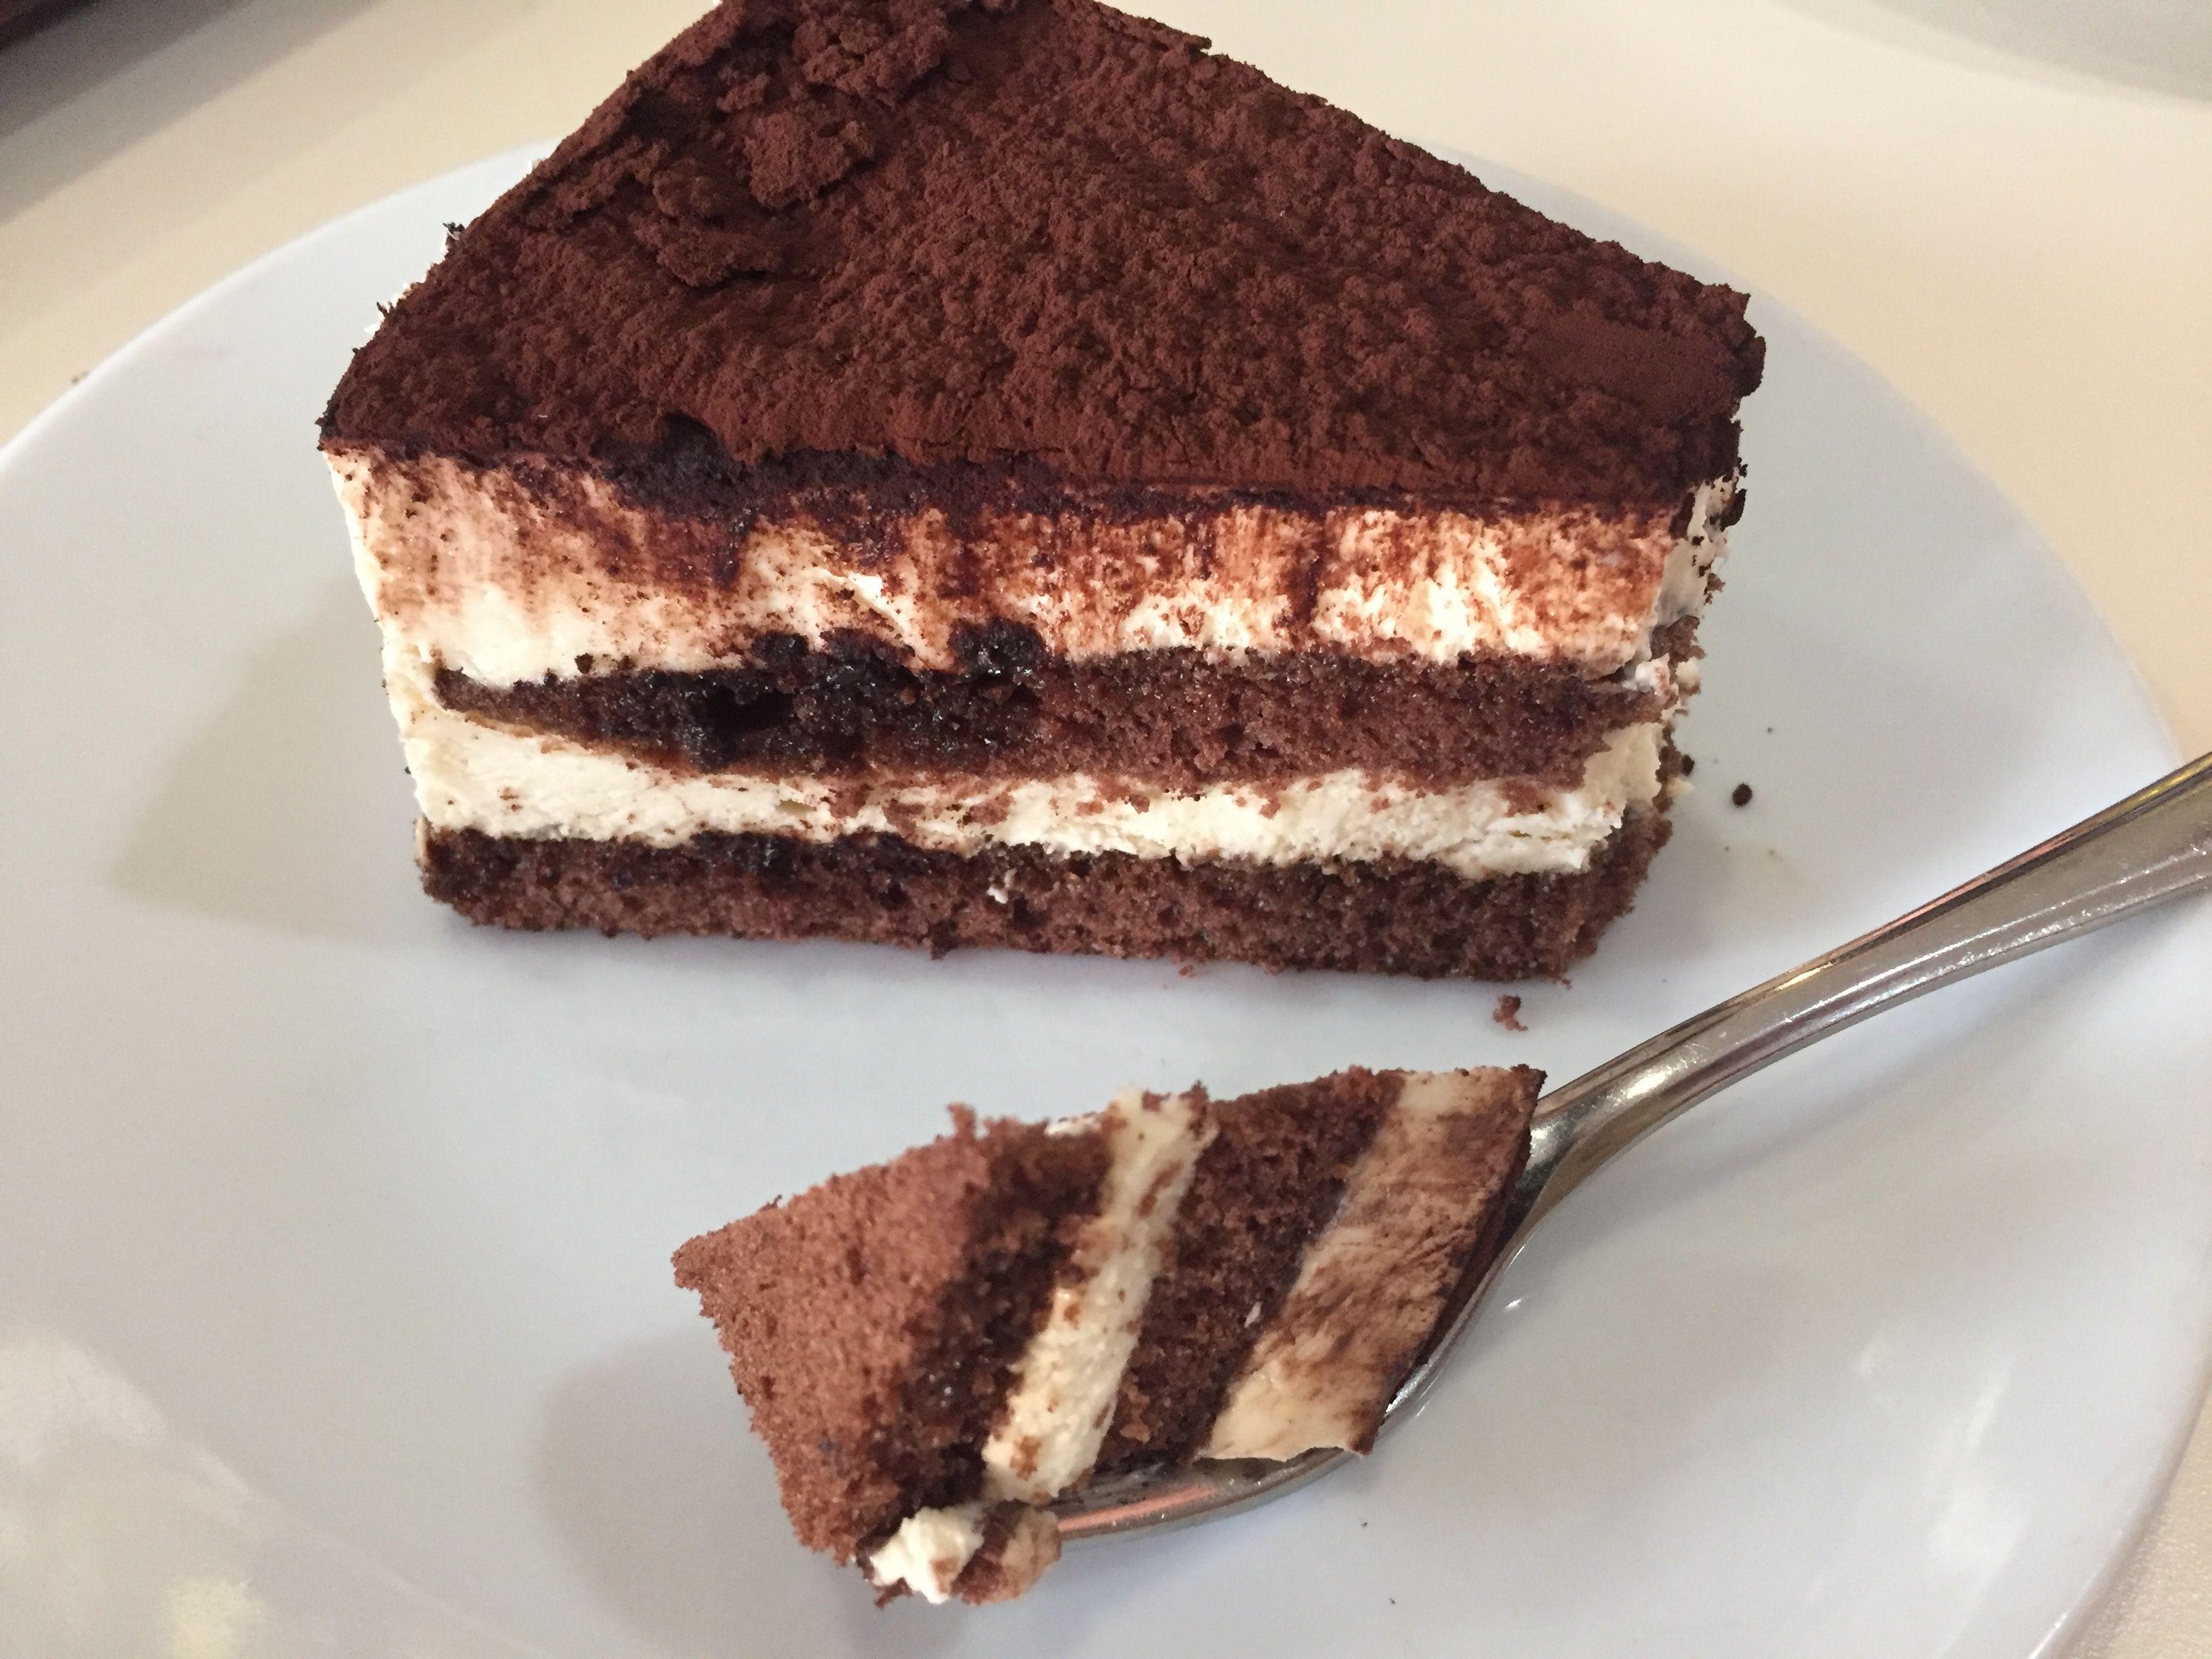 Çikolata Kaplı Hindistan Cevizi Topları Kartopu Tarif Dergisi Yemek Tarifleri